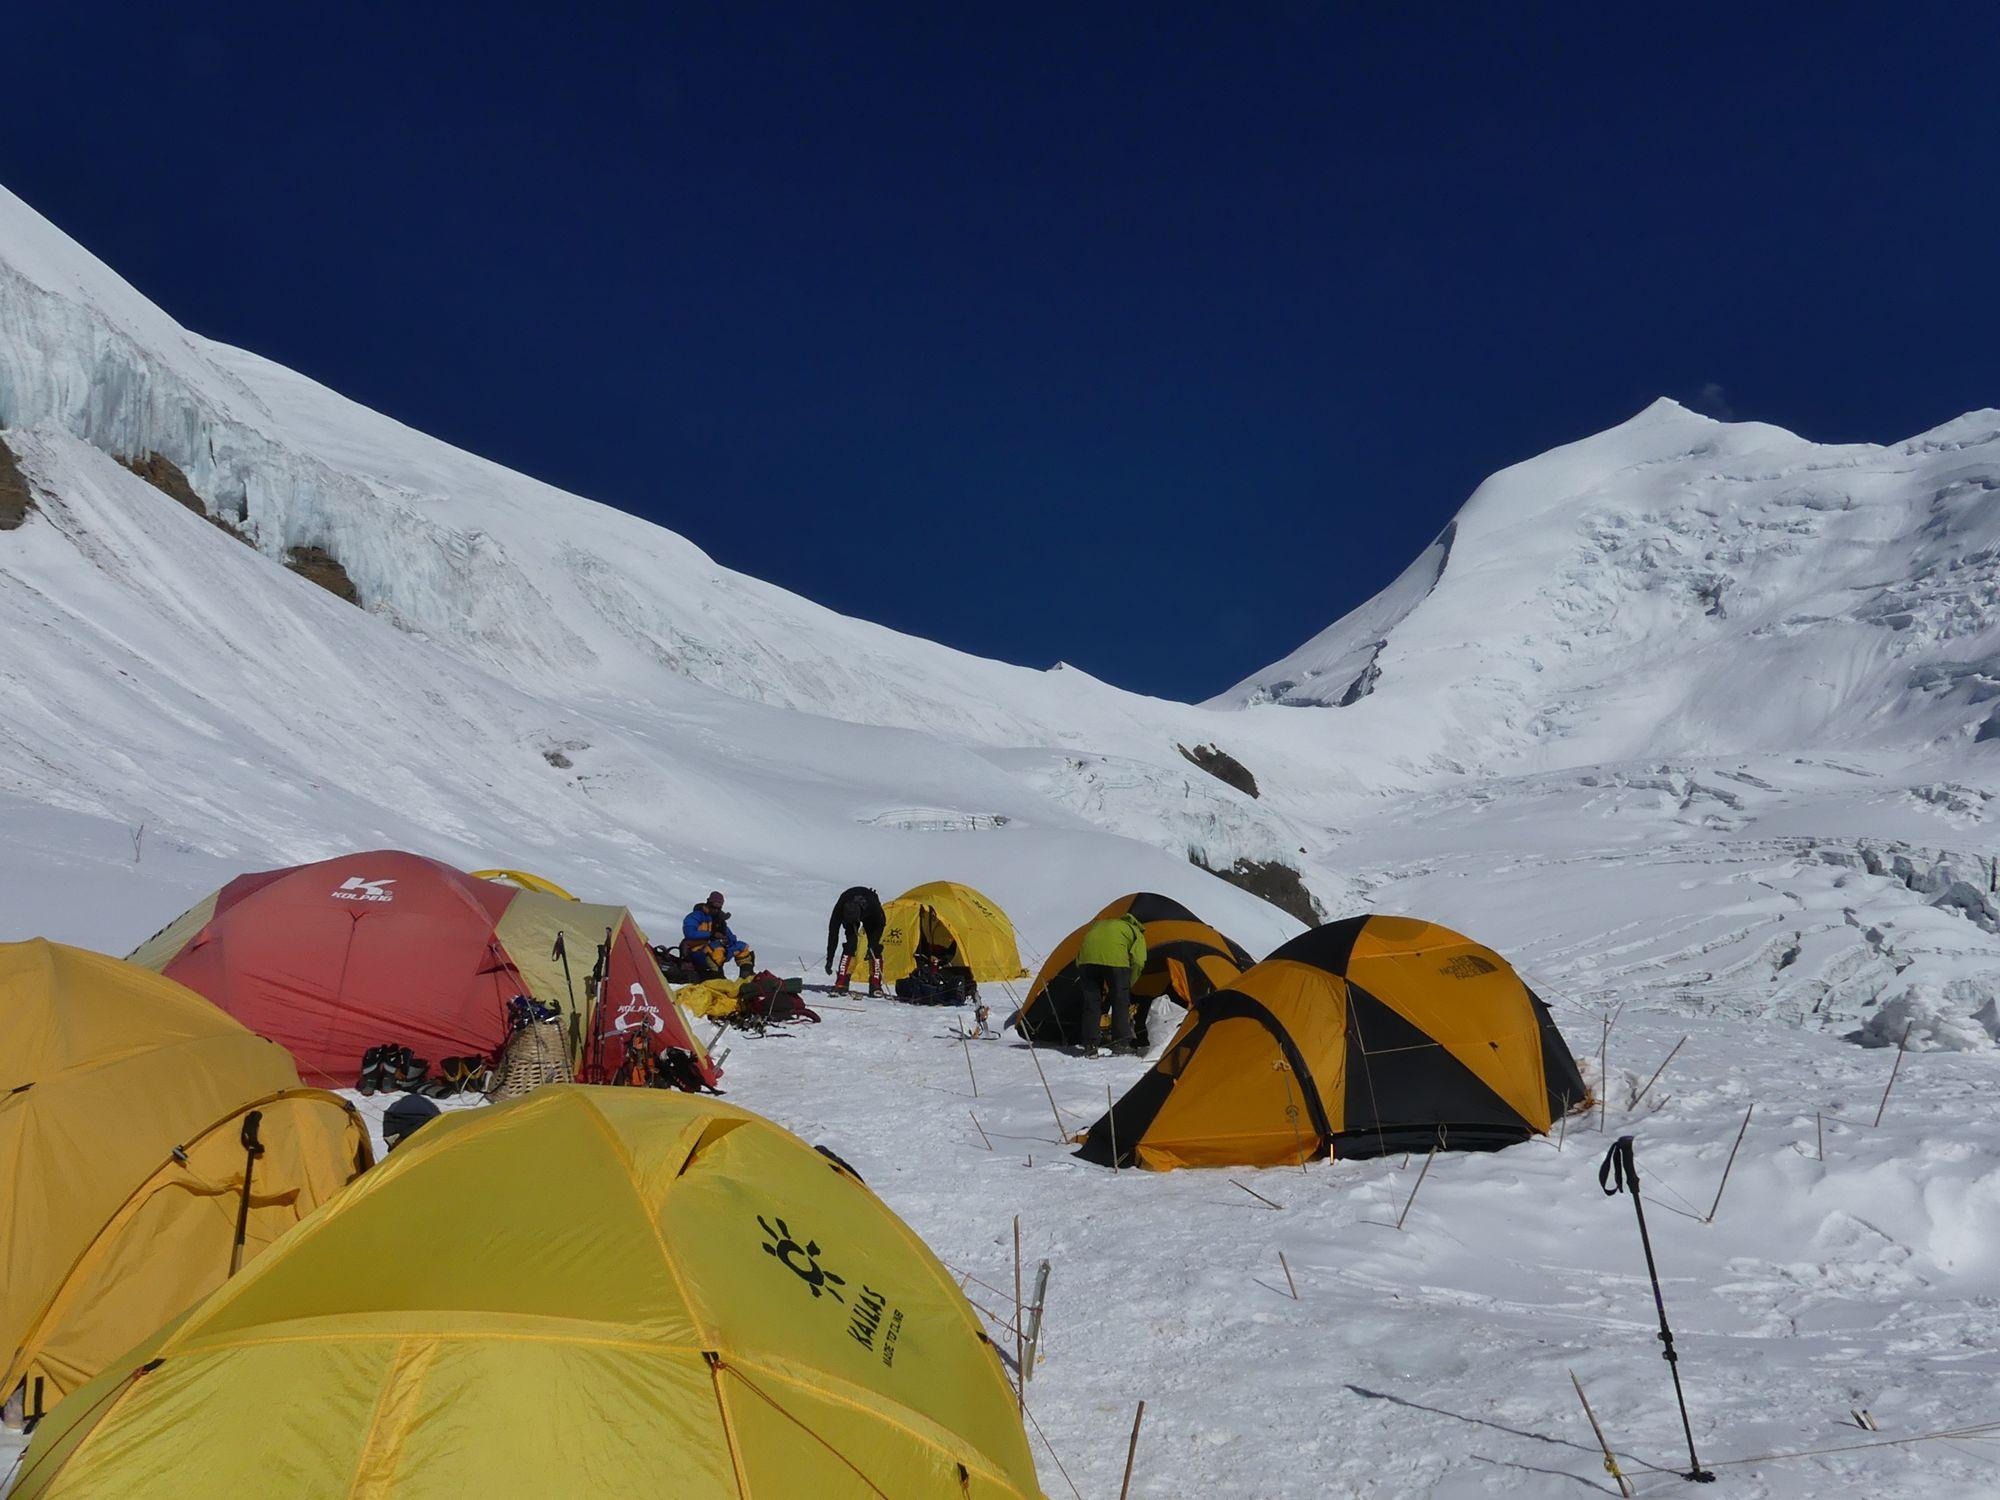 Himlung Camp II tente North face VE25